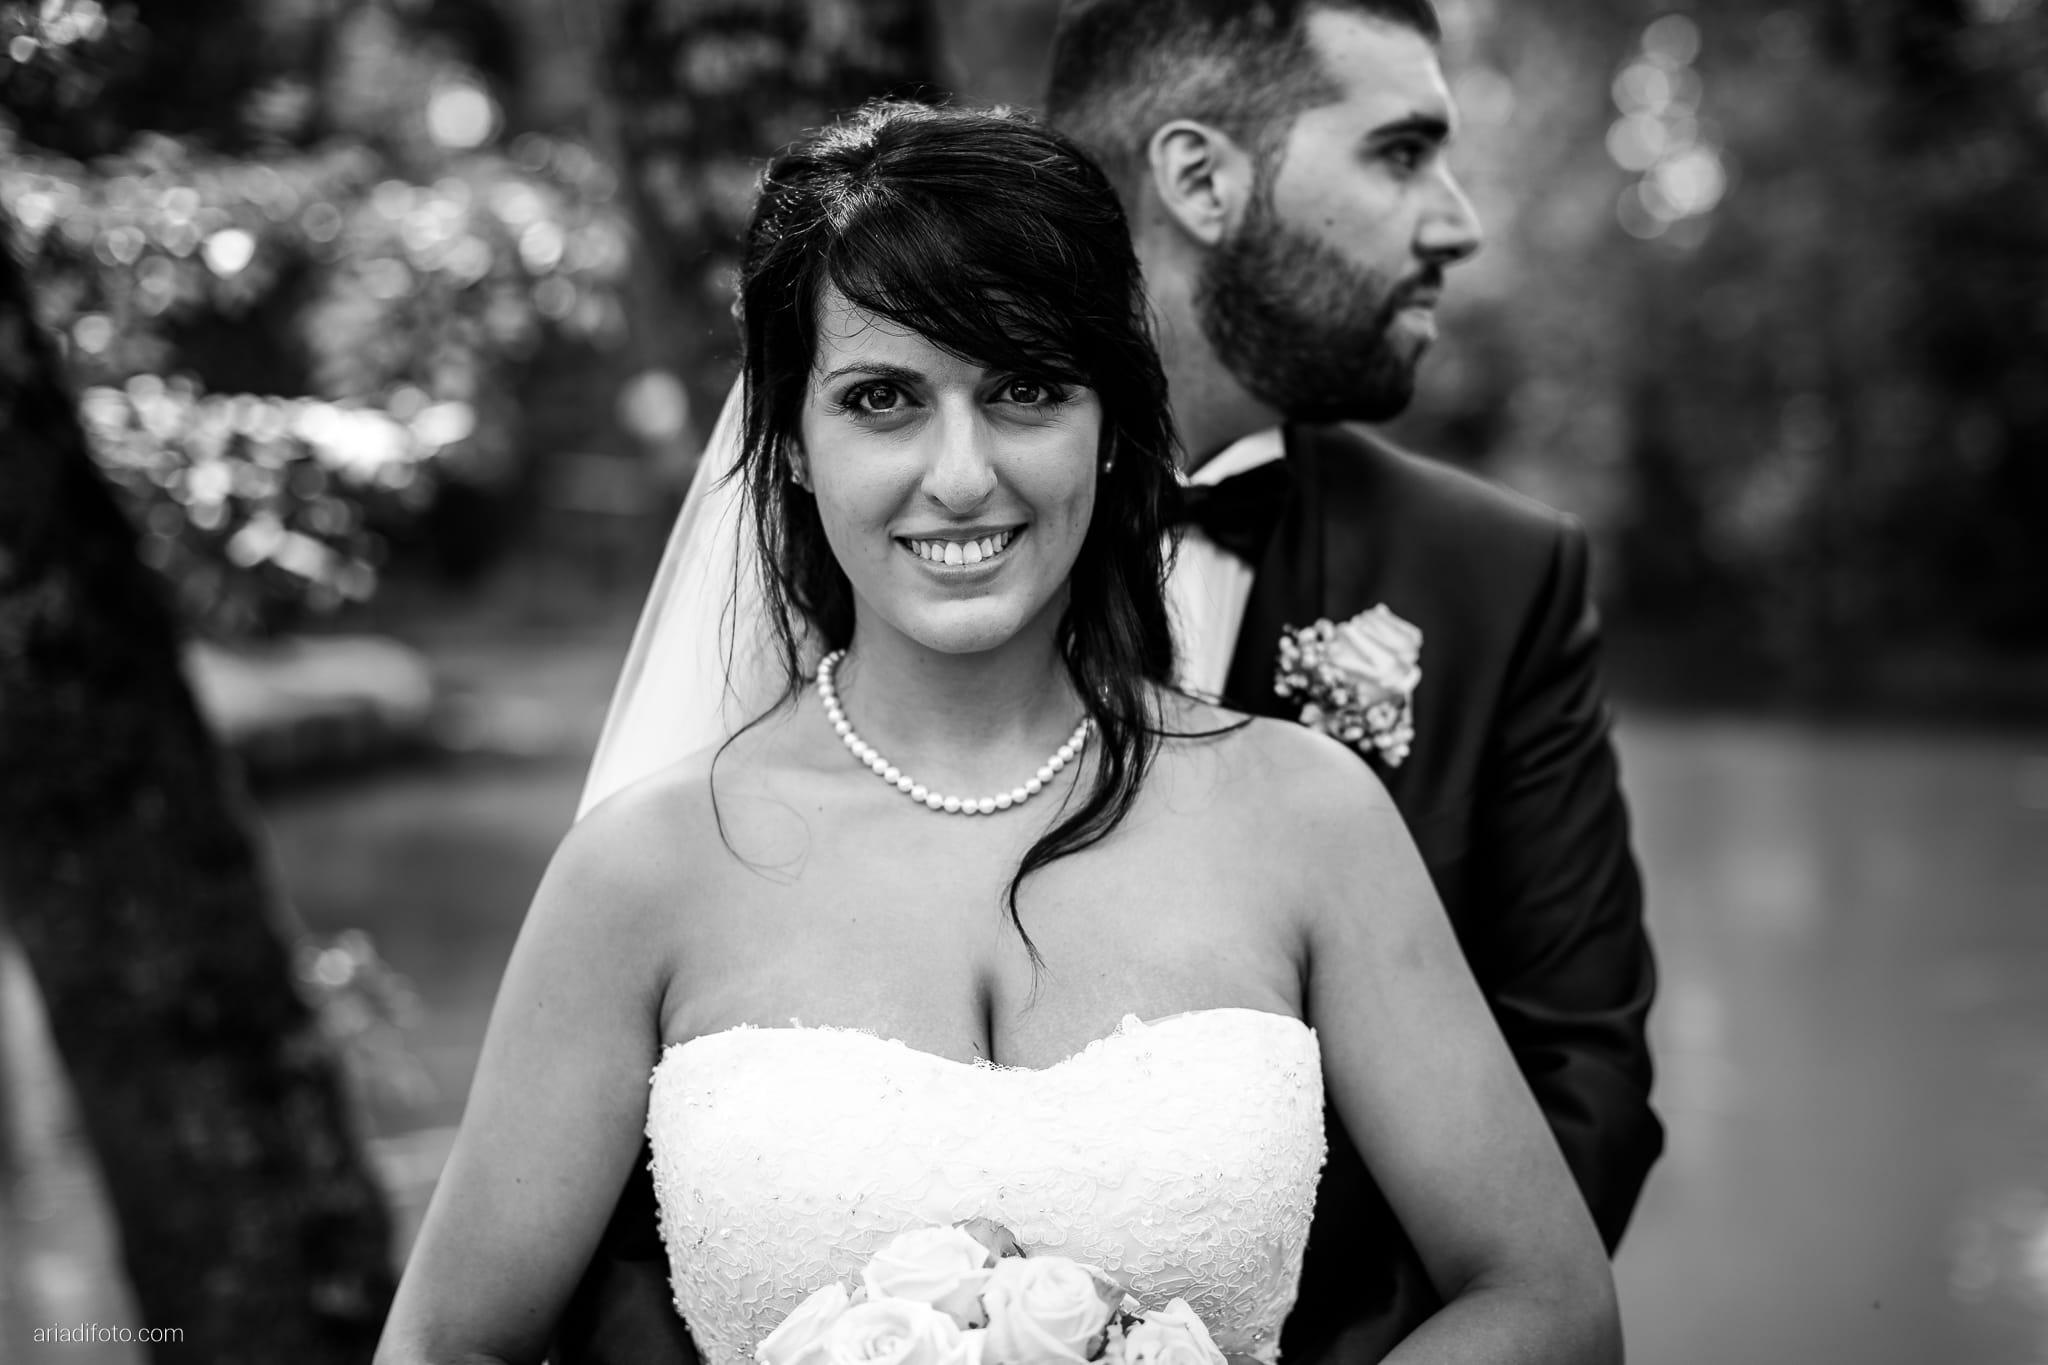 Rosylenia Luca Matrimonio Duino Ristorante Napoleone Castions Villa Ottelio de Savorgnano Principato di Ariis Udine ritratti sposi